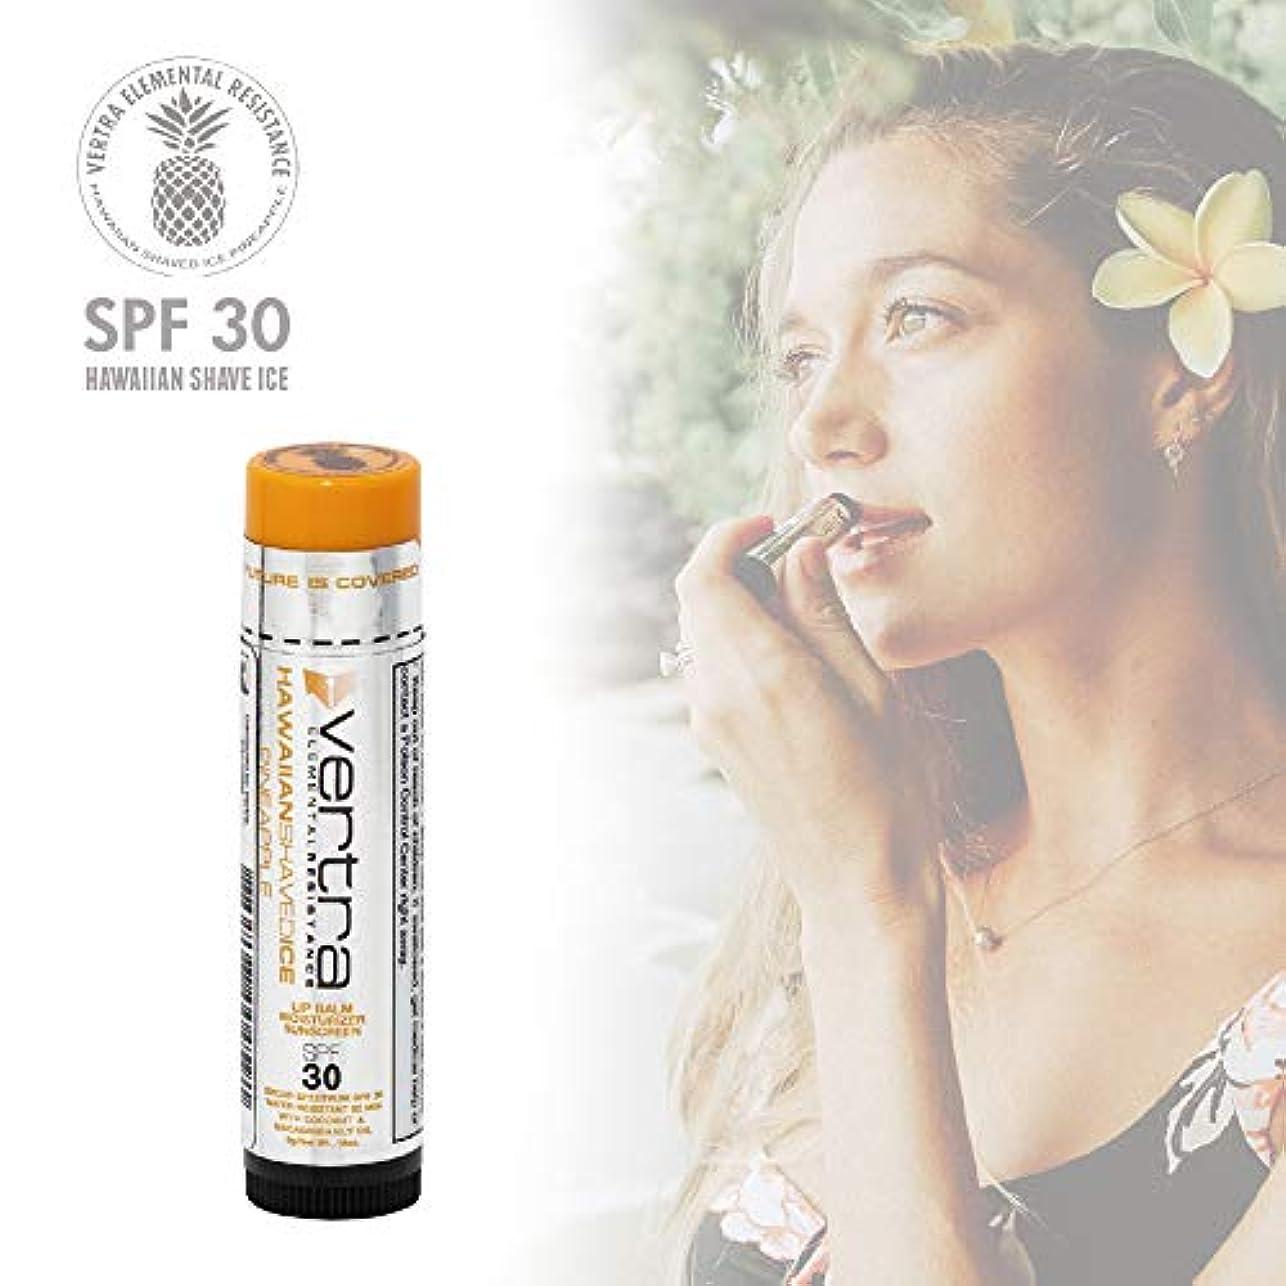 抗生物質不名誉アライアンスVERTRA (バートラ) リップ 日焼け止め Lip Balm hawaiian shaved ice pineapple SPF30 PA+++